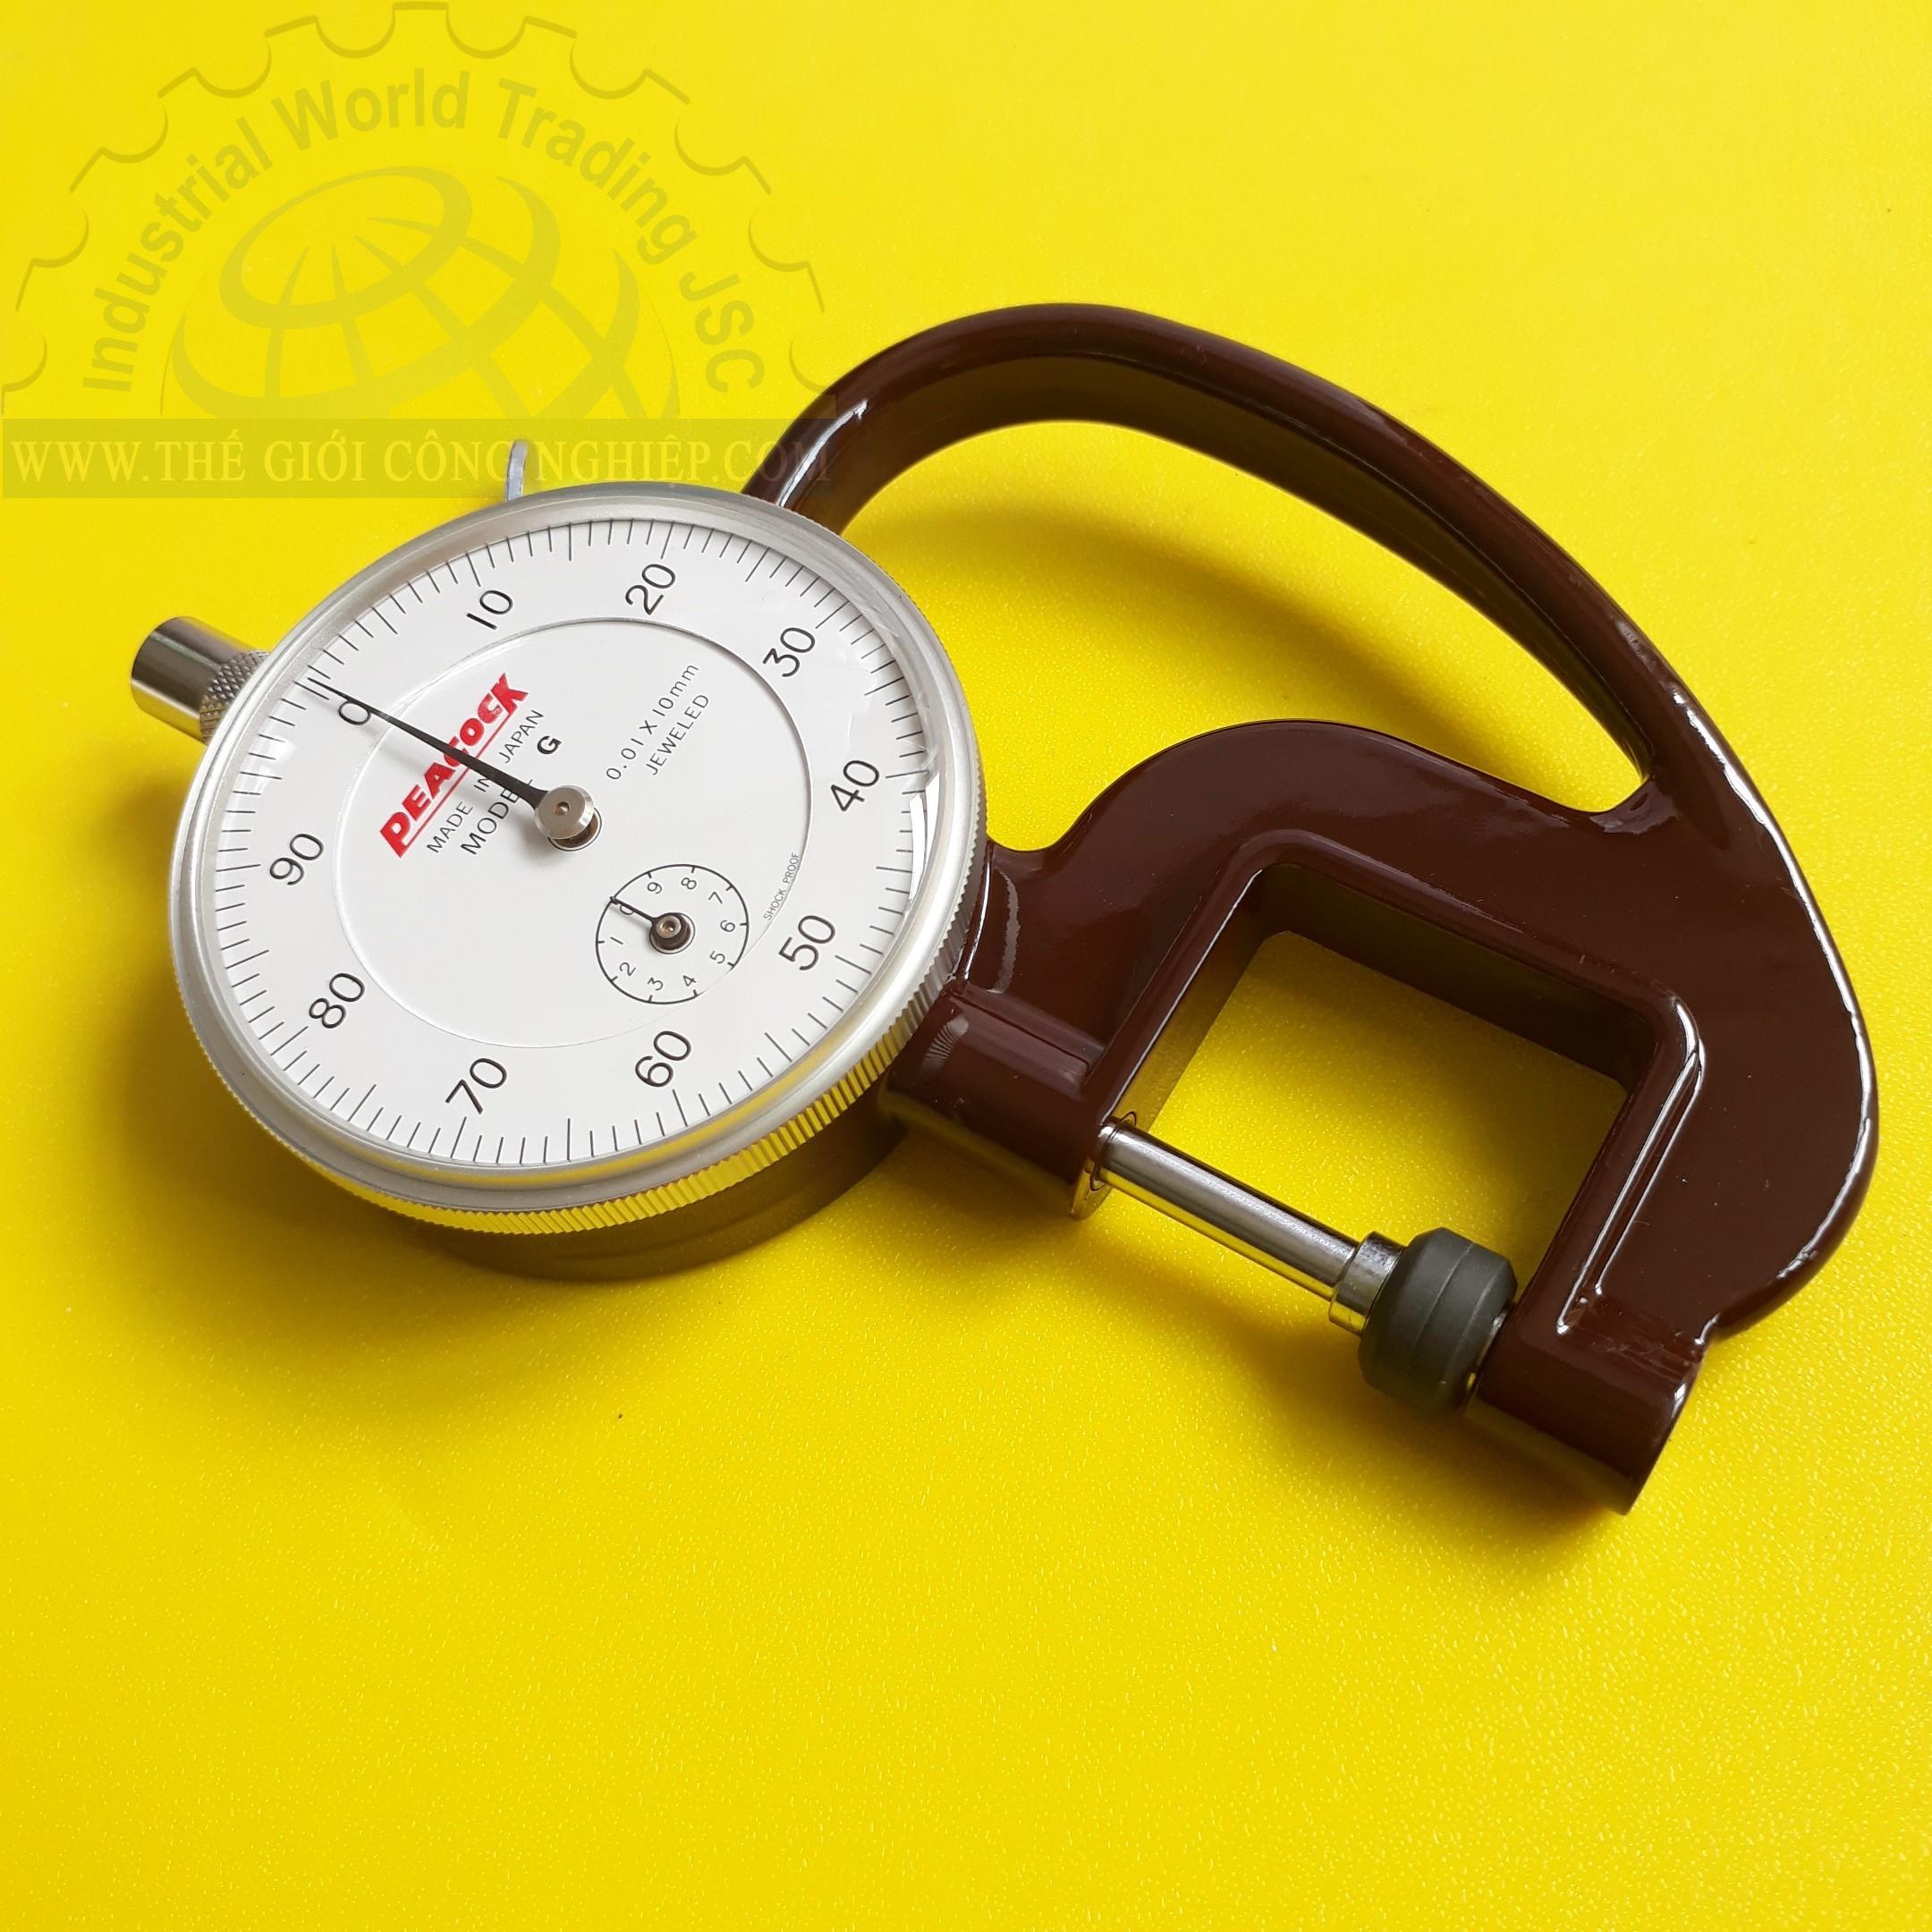 Đồng hồ đo độ dày cơ 10x0.01mm Đồng hồ đo độ dày Peacock, G, Dial Thickness Gauges G PEACOCK